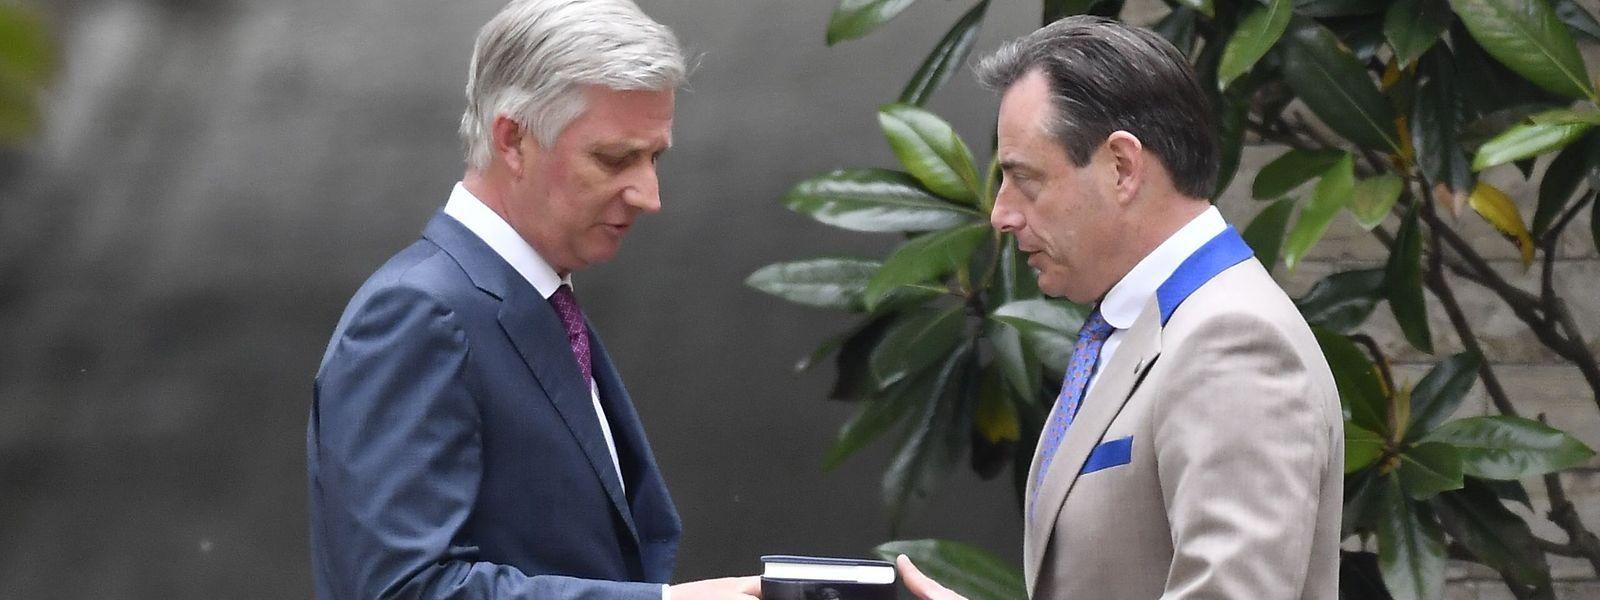 L'attribution du poste de Premier ministre pourrait servir à calmer la Flandre avec, par exemple, la nomination du socialiste francophone Paul Magnette qui représente la première famille politique au plan national.